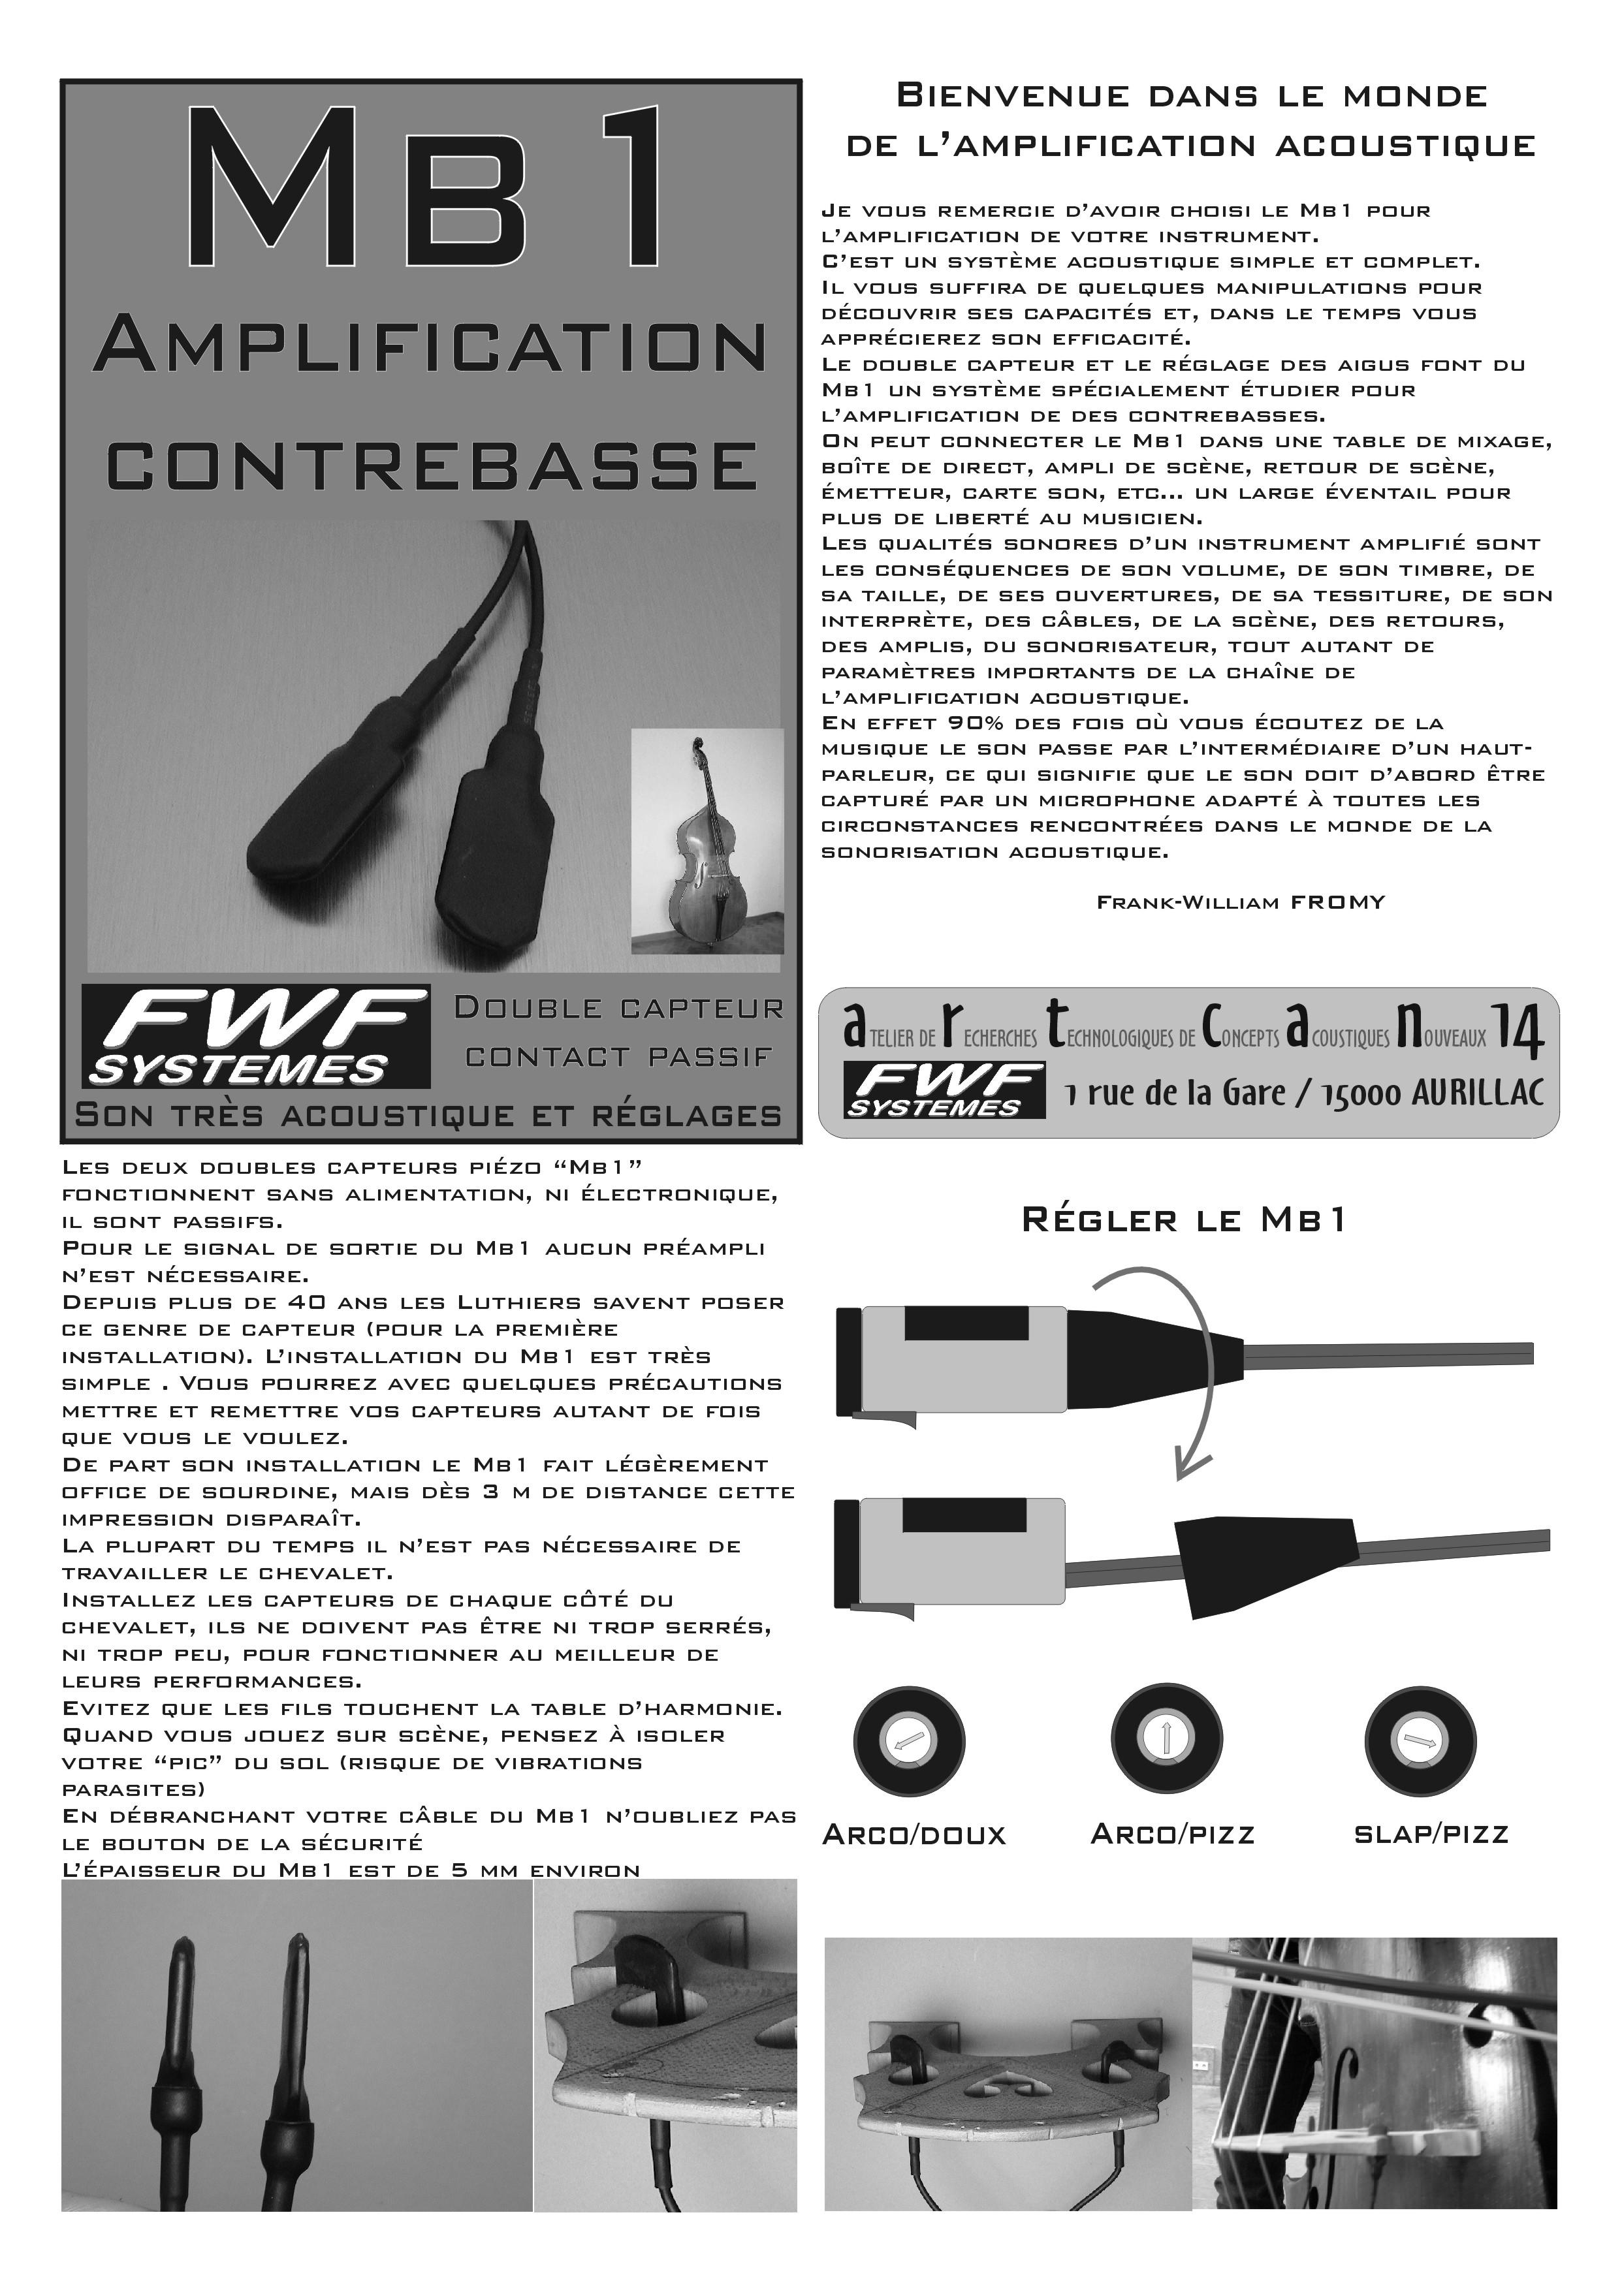 capteur fwf contrebasse mb1